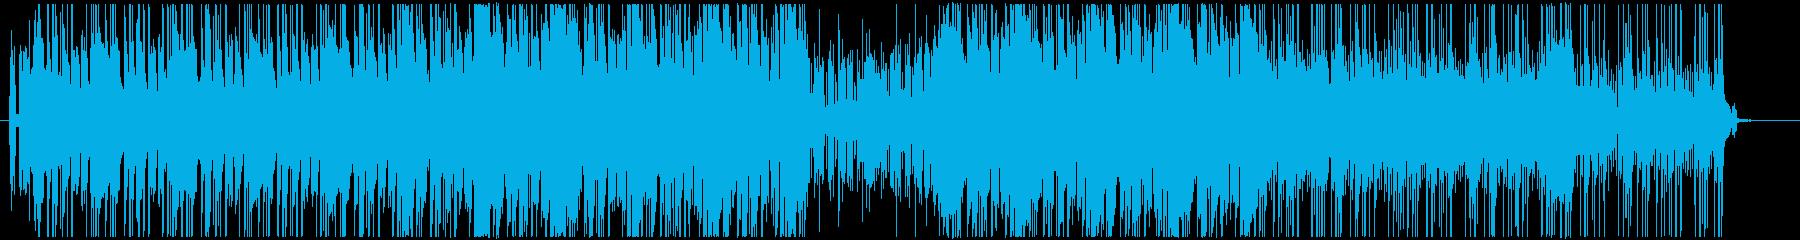 登場時のBGM、これから始まる予感の再生済みの波形